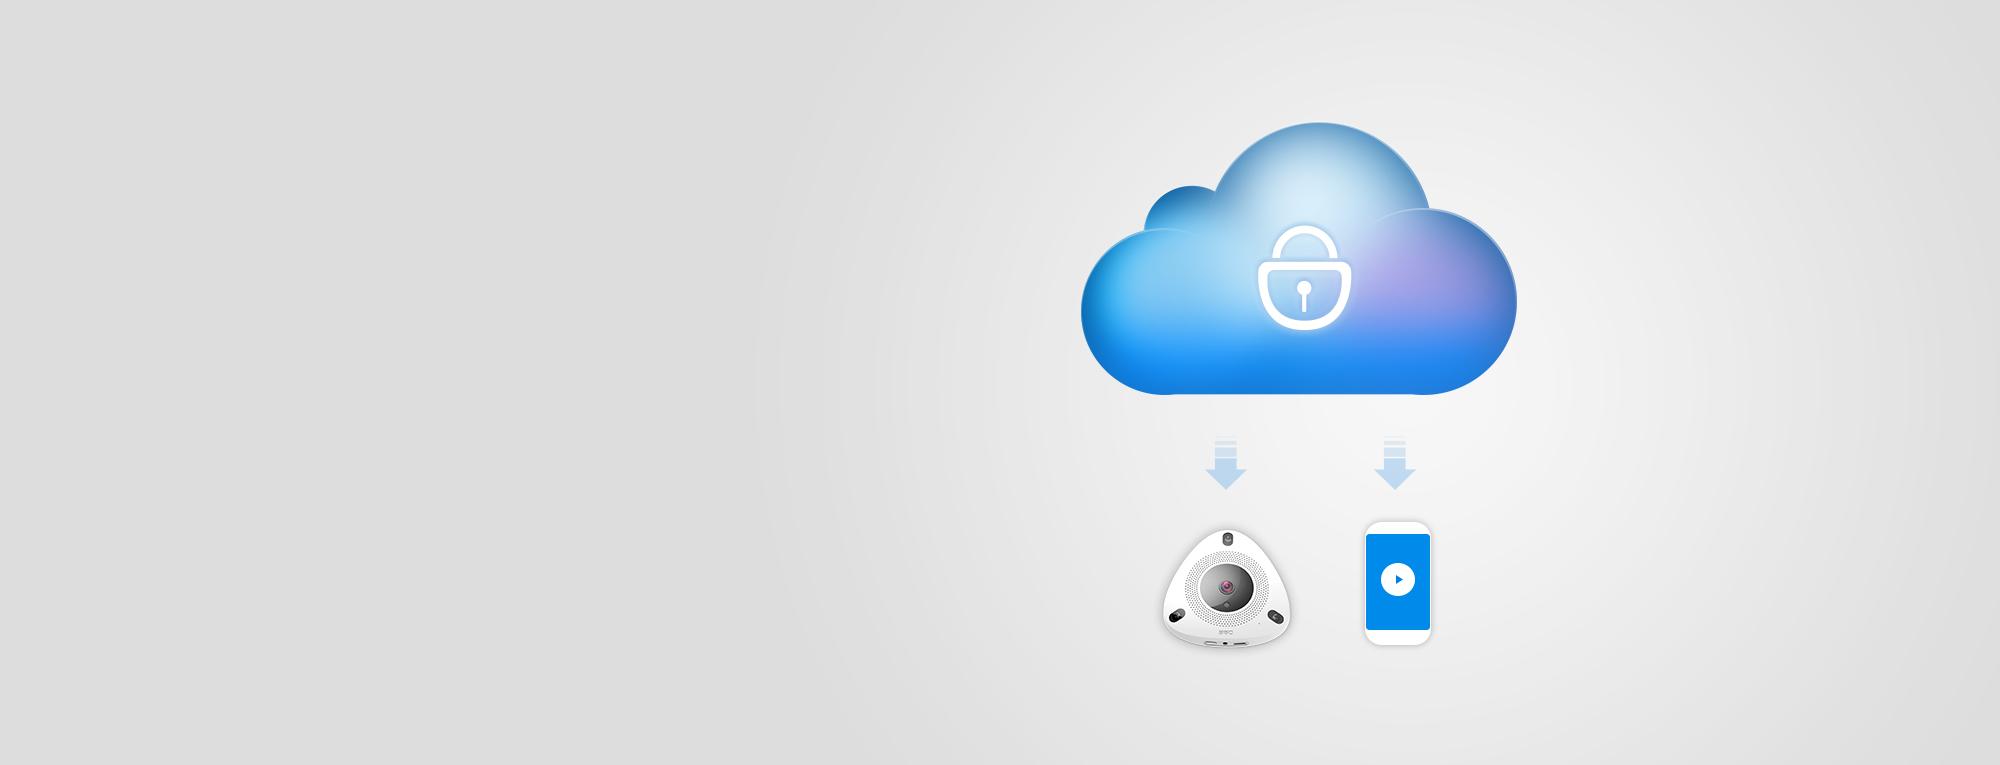 360视频数据安全加密,金融级安全保障